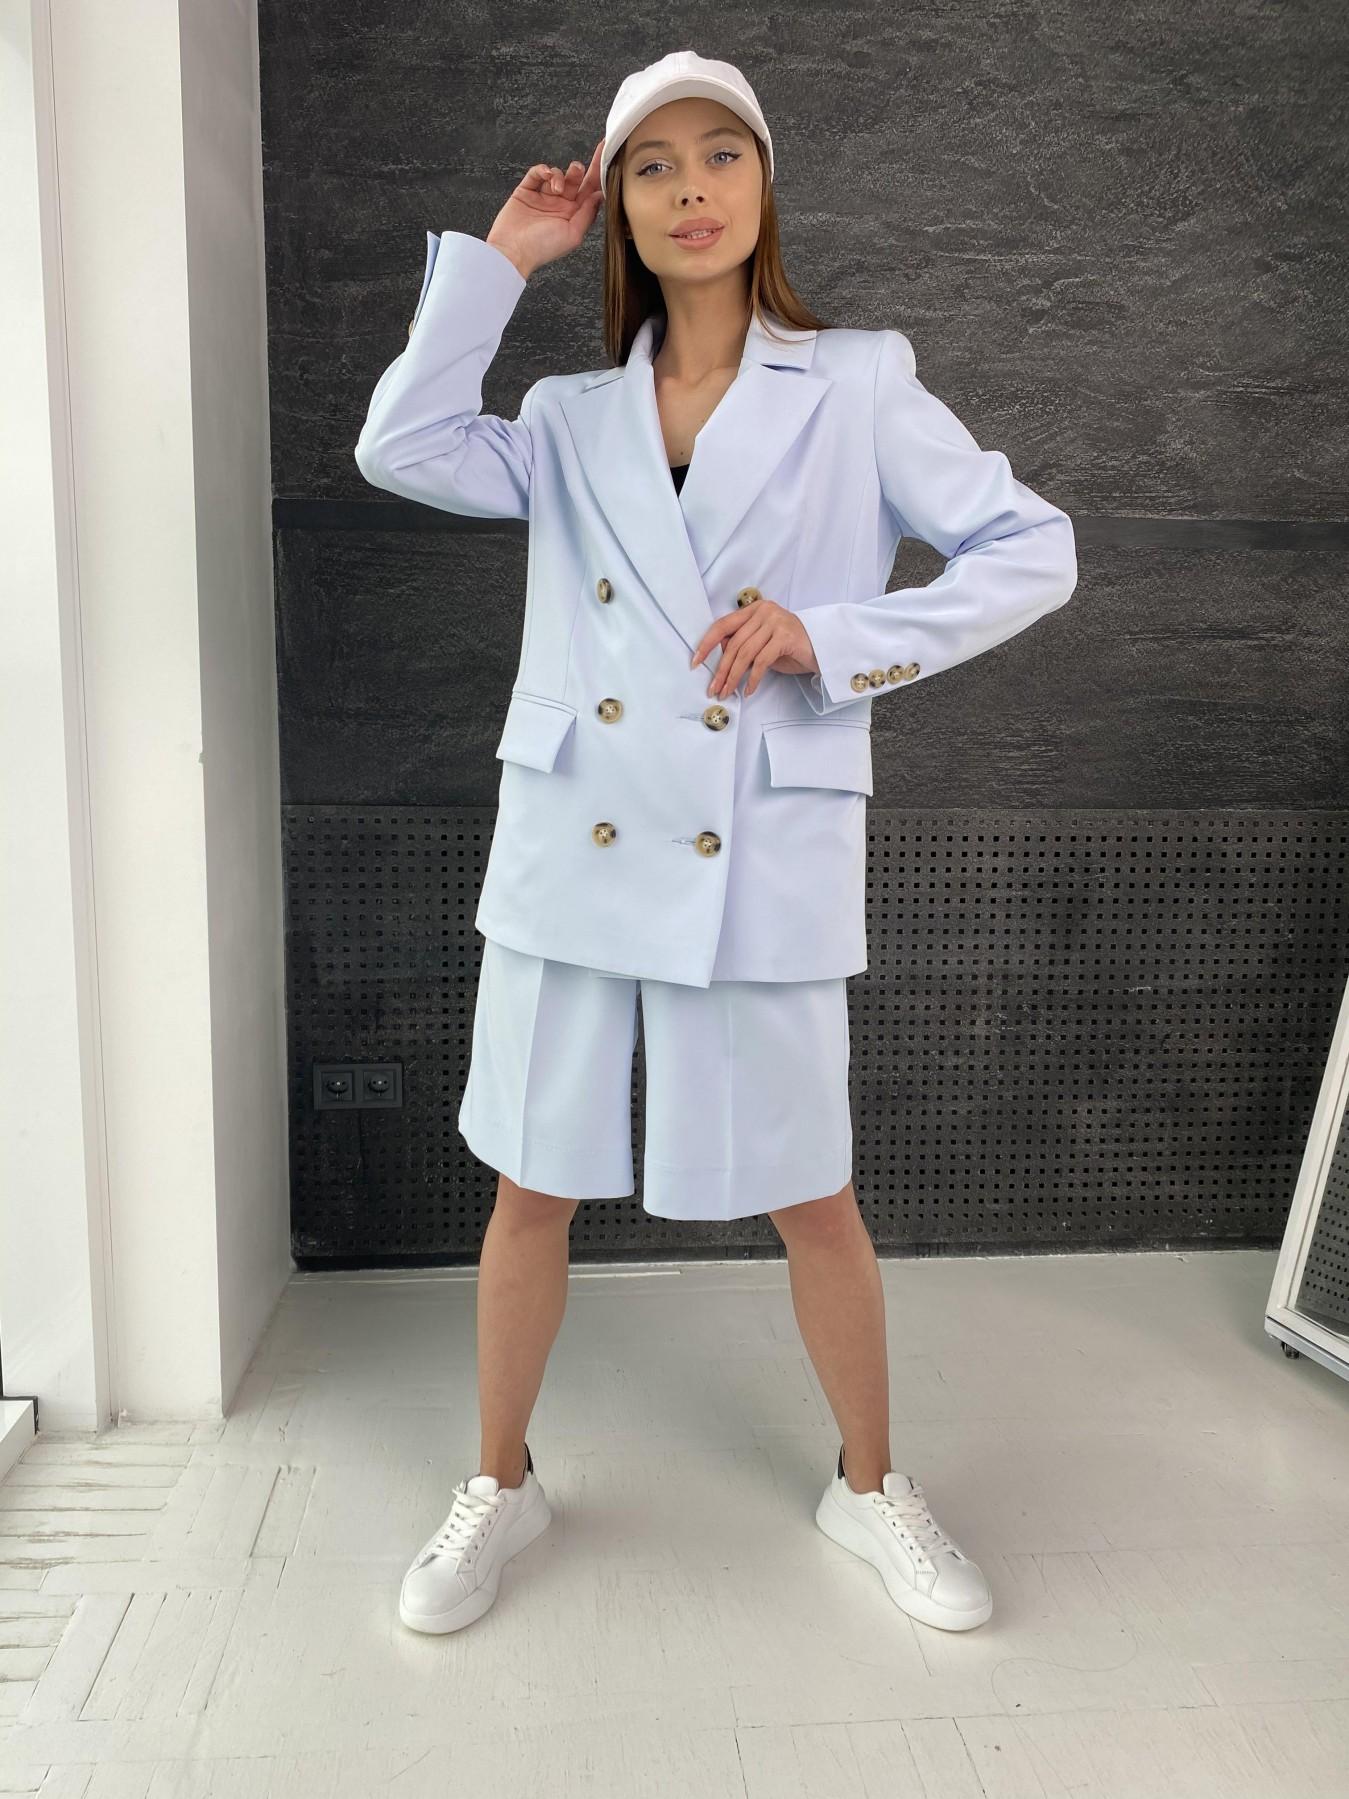 Бонжур шорты из  костюмной ткани стрейч 11403 АРТ. 47952 Цвет: Голубой - фото 1, интернет магазин tm-modus.ru